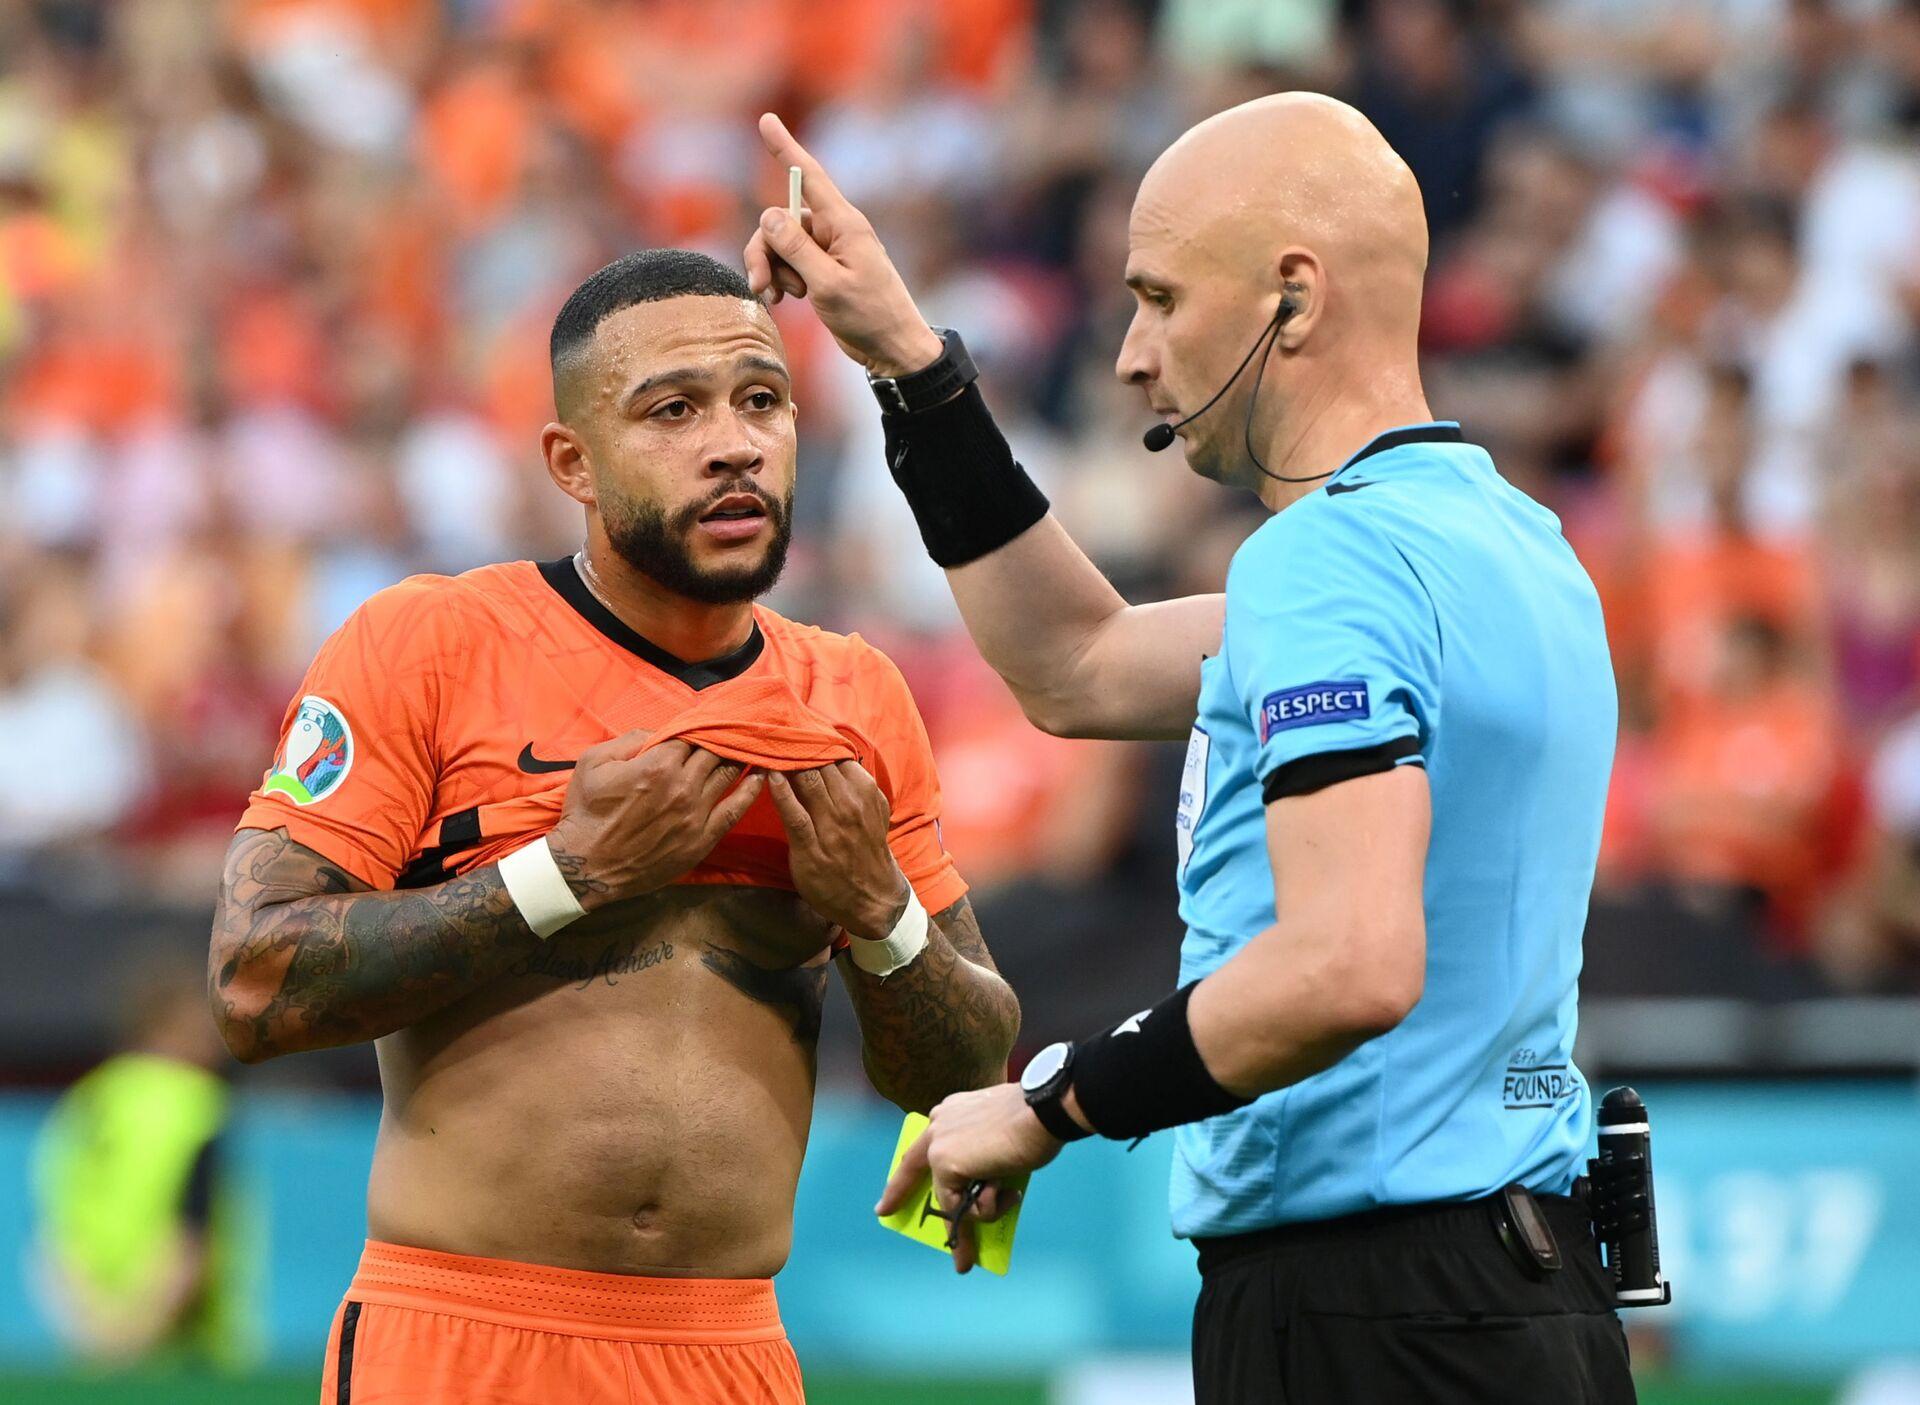 Các siêu sao bị loại: 5 cầu thủ hàng đầu thất bại ở Euro 2020 - Sputnik Việt Nam, 1920, 01.07.2021